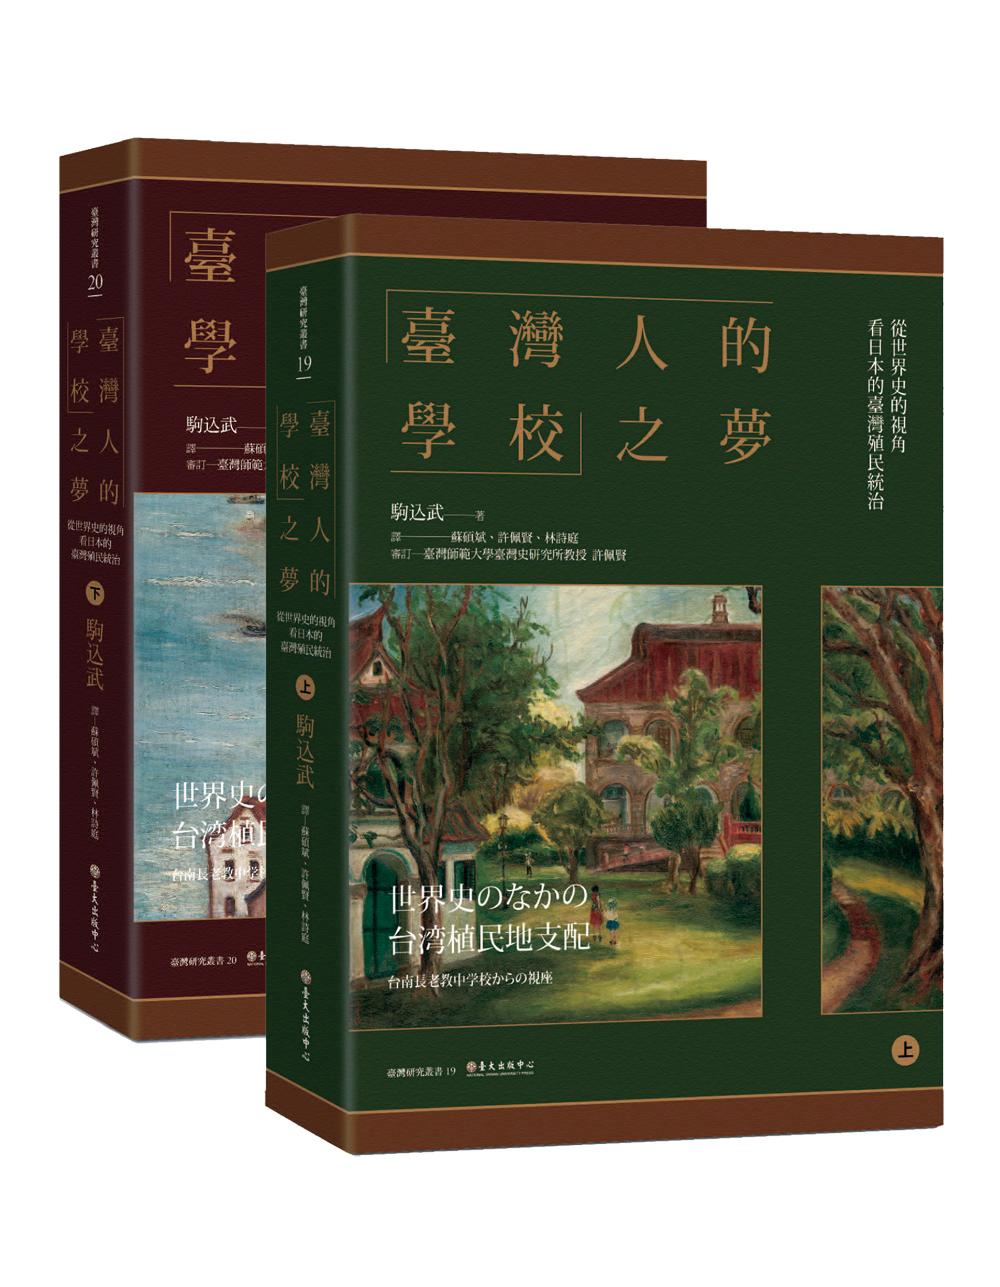 「臺灣人的學校」之夢──從世界史的視角看日本的臺灣殖民統治(上)(下)